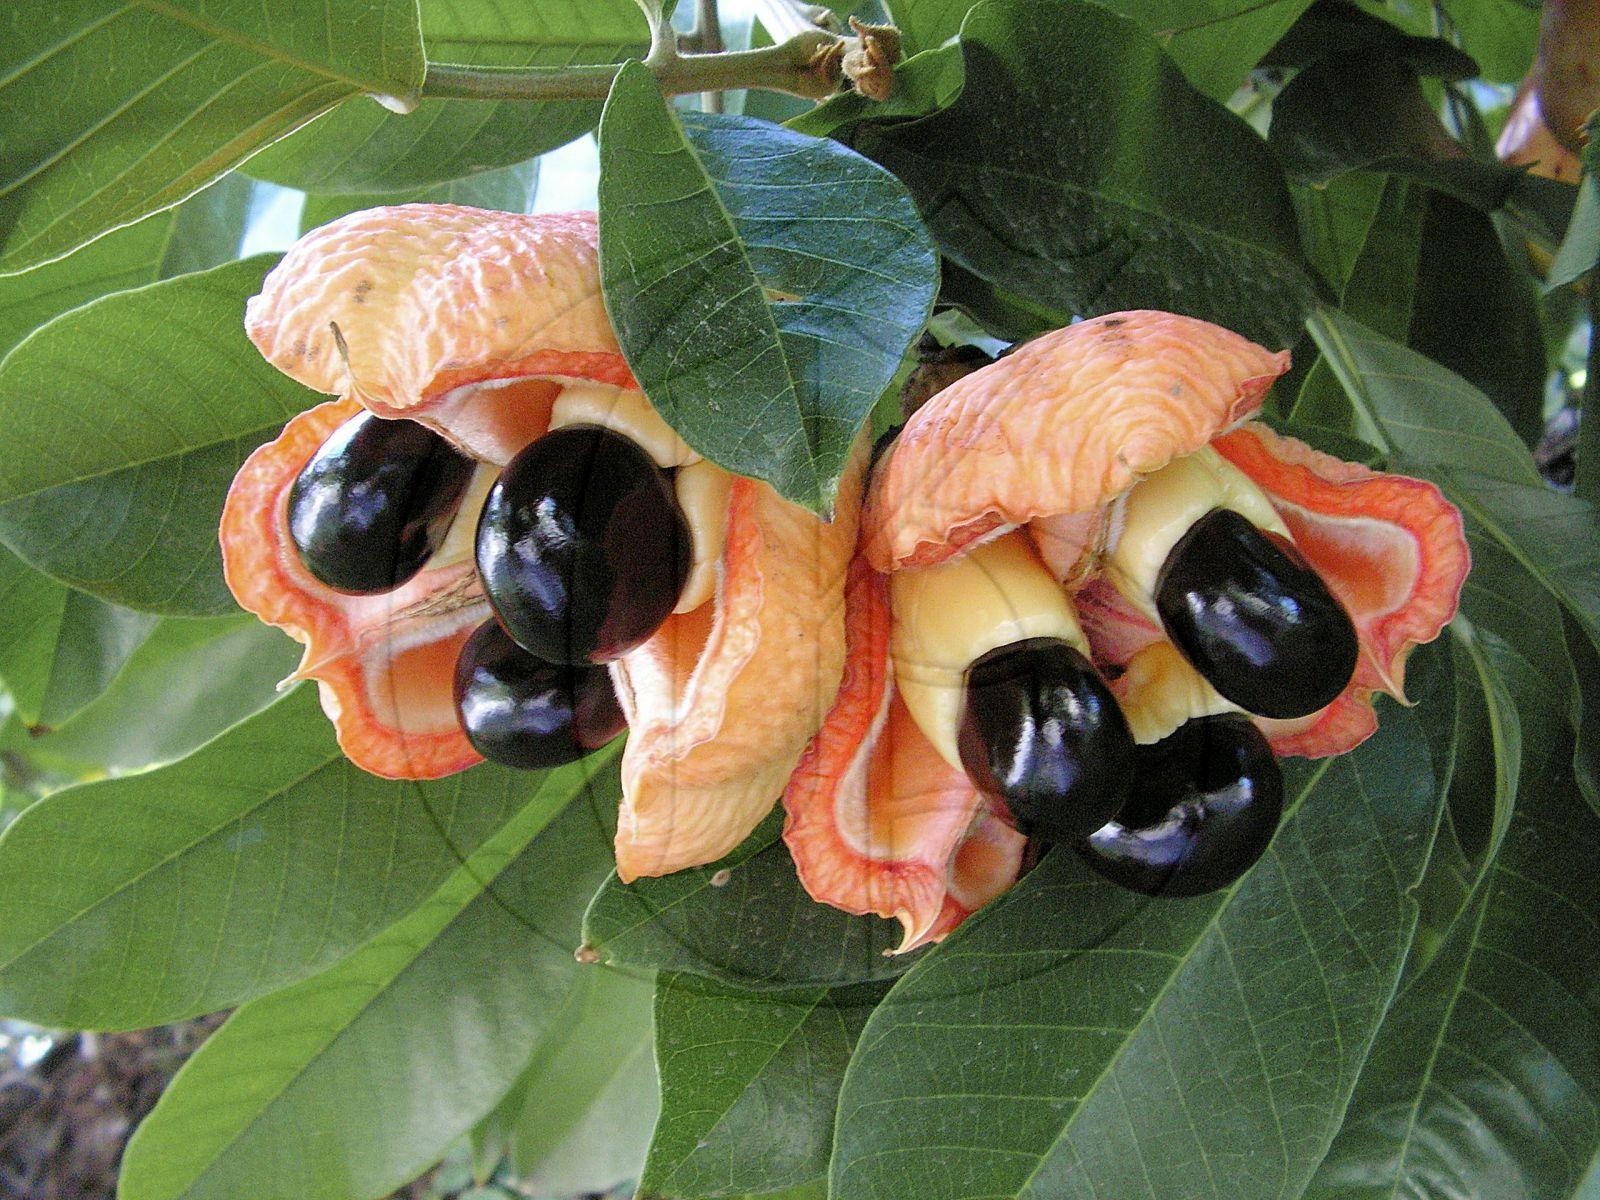 گیاهانی که باعث ایجاد فلج ، مرگ و میر در جمعیت هایی با سوء تغذیه می شوند